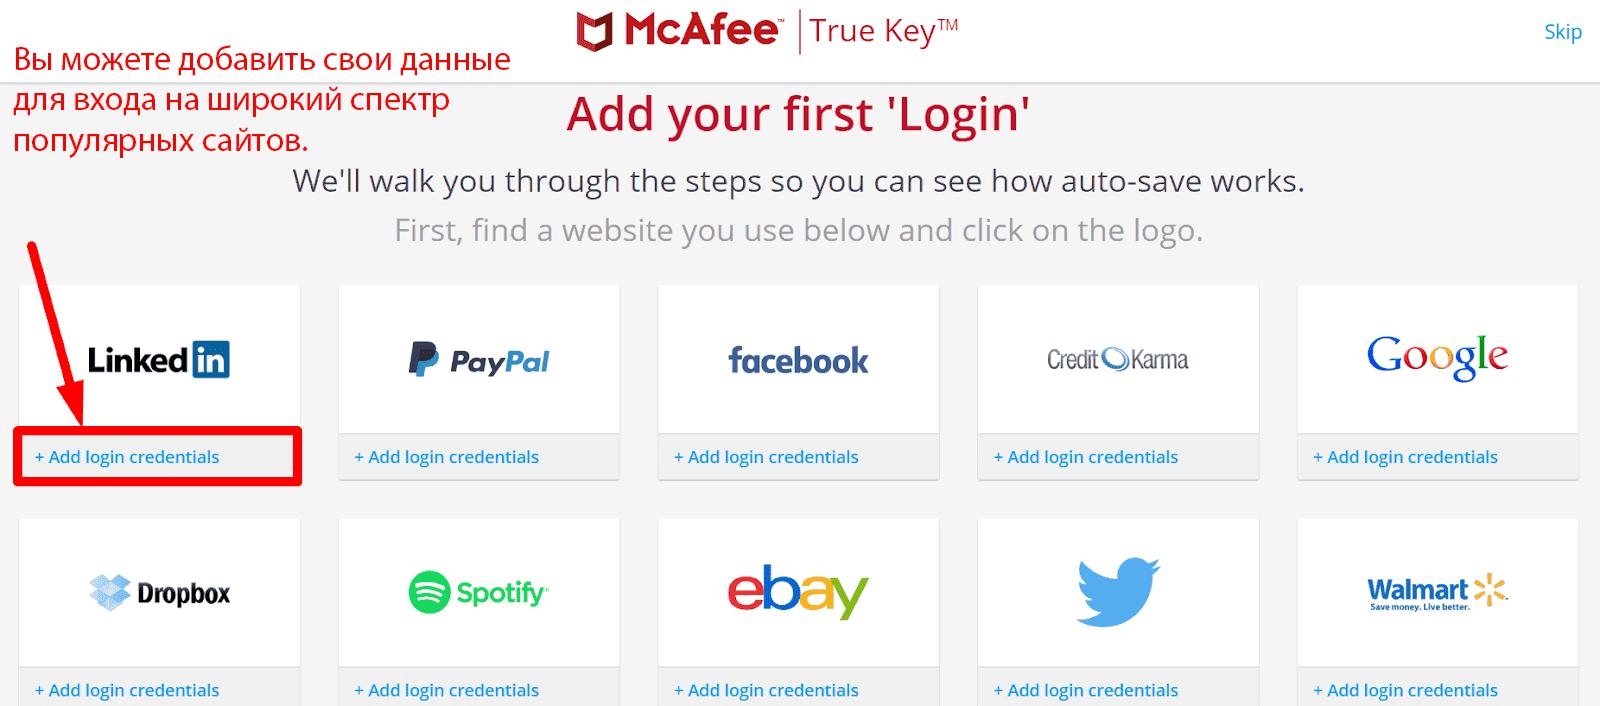 Функции обеспечения безопасности McAfee